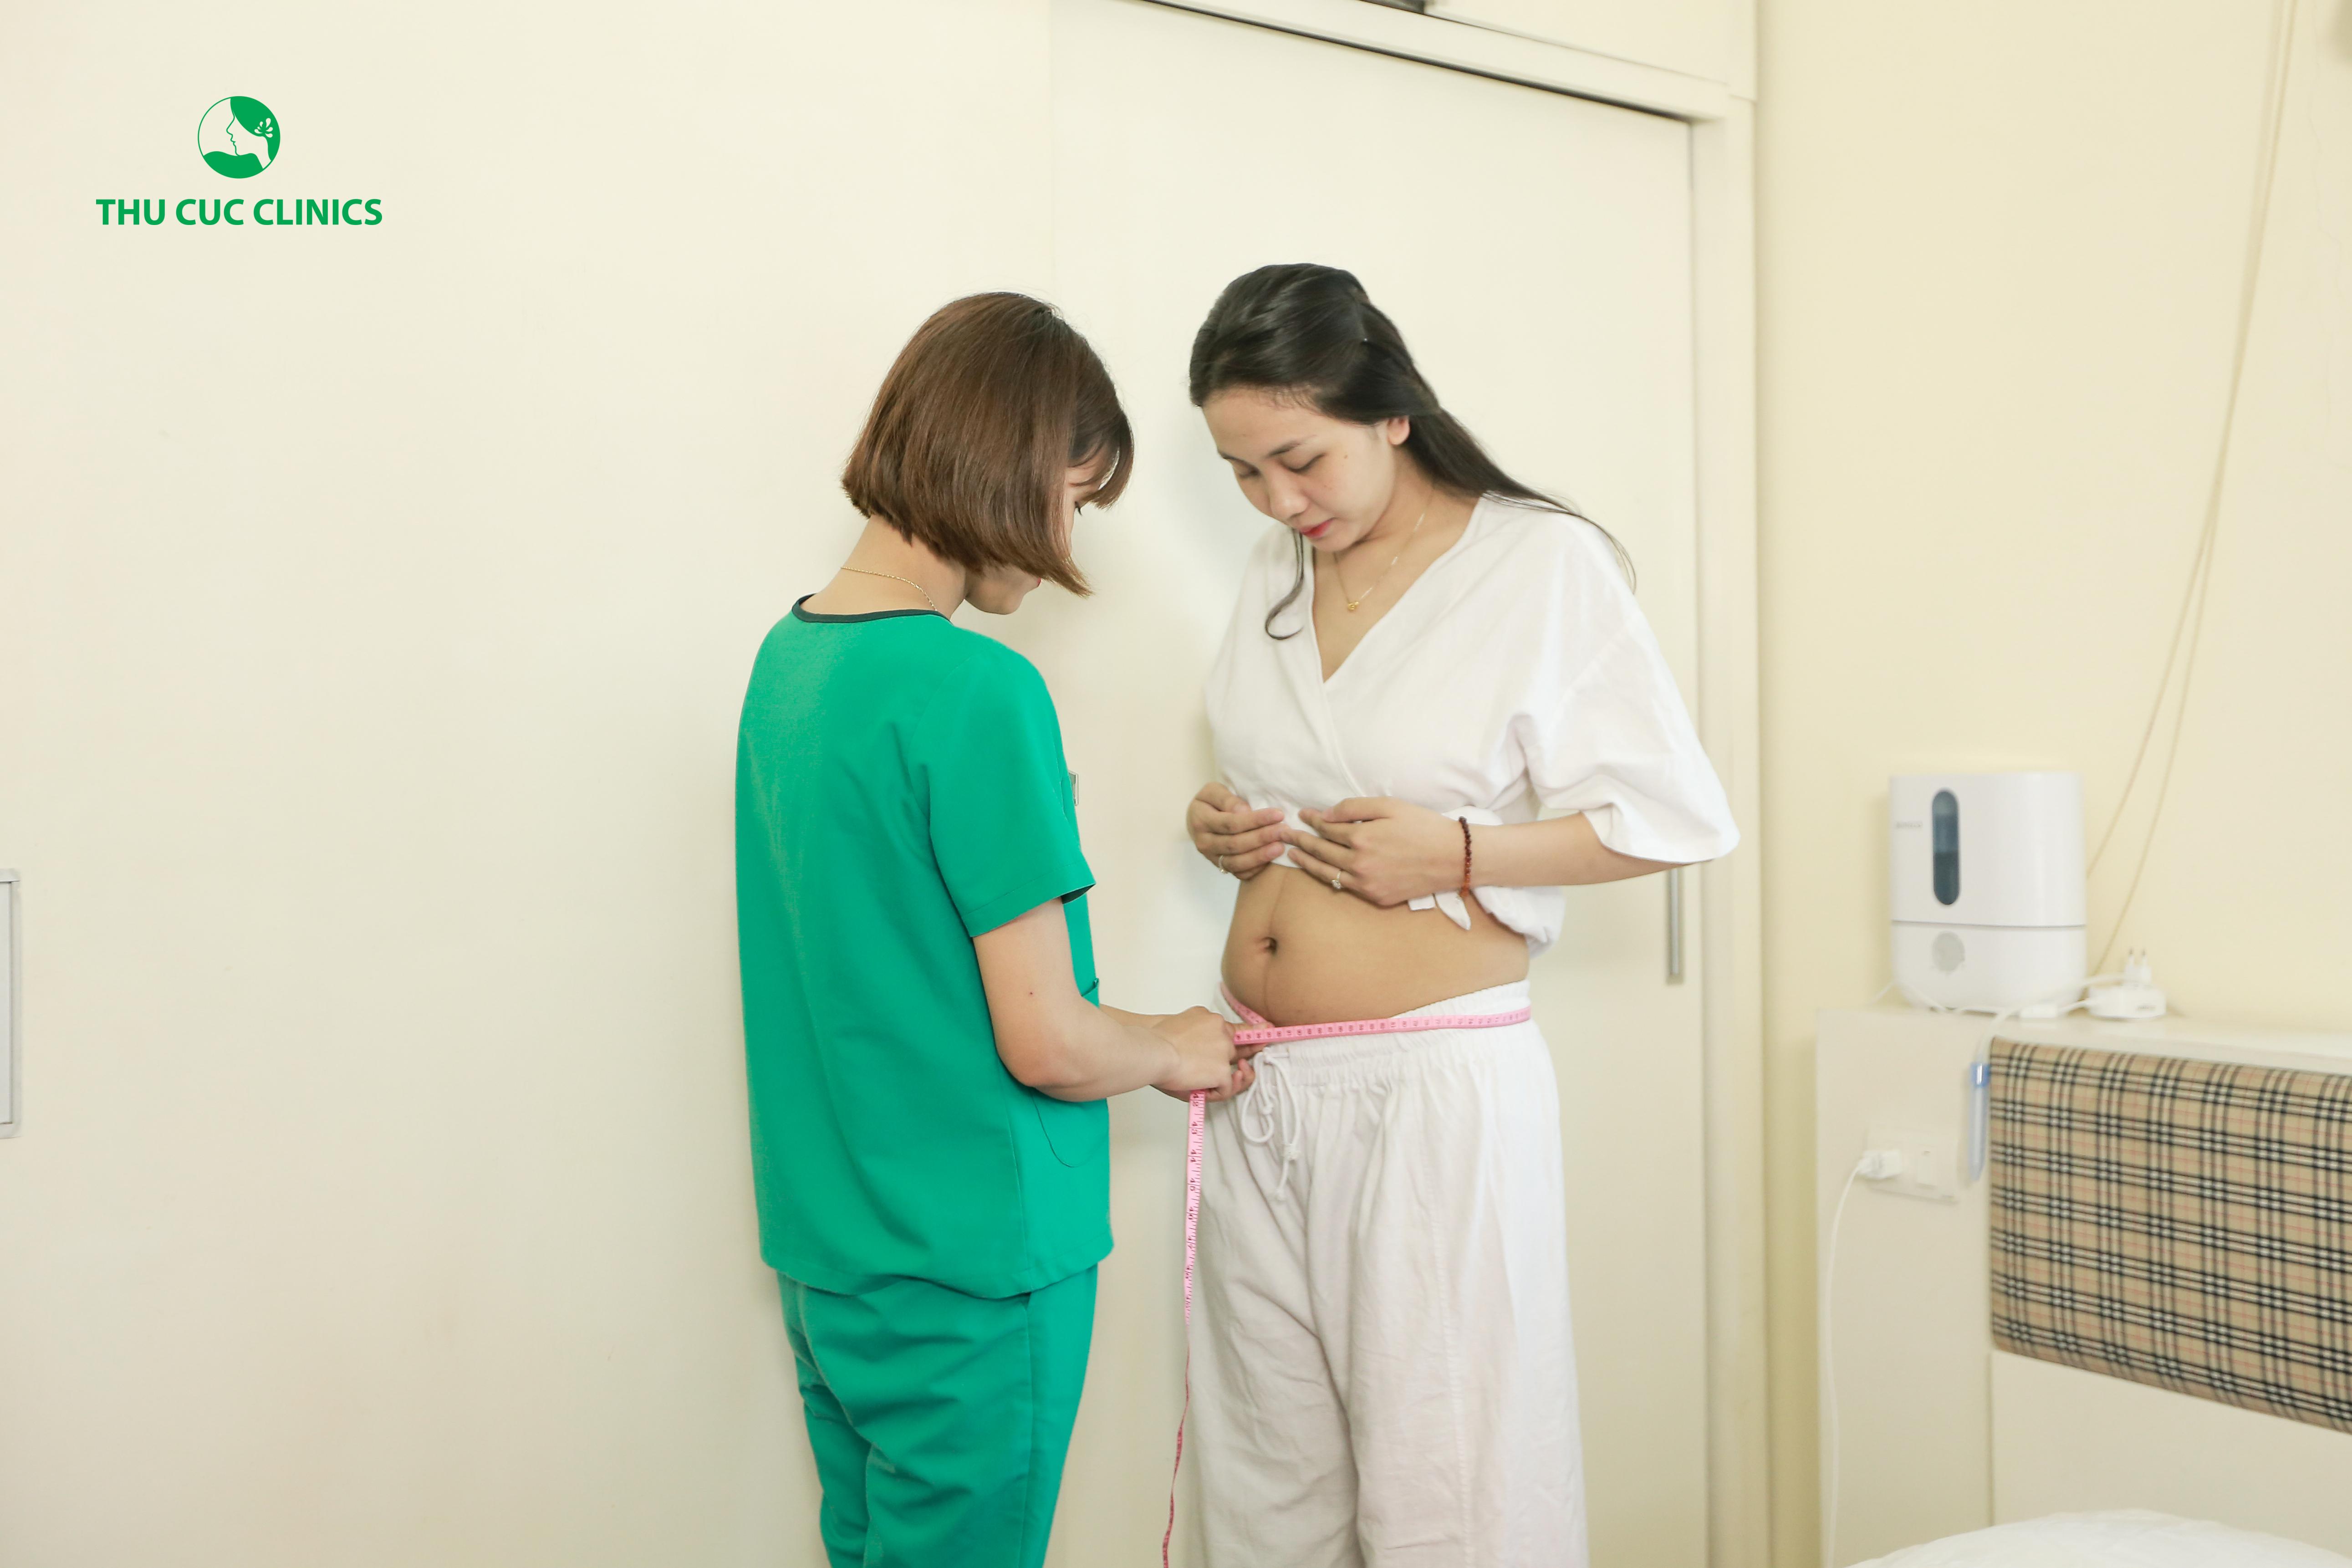 Các chuyên viên kiểm tra chỉ số các vòng cơ thể để có liệu trình massage phù hợp với chị Hằng